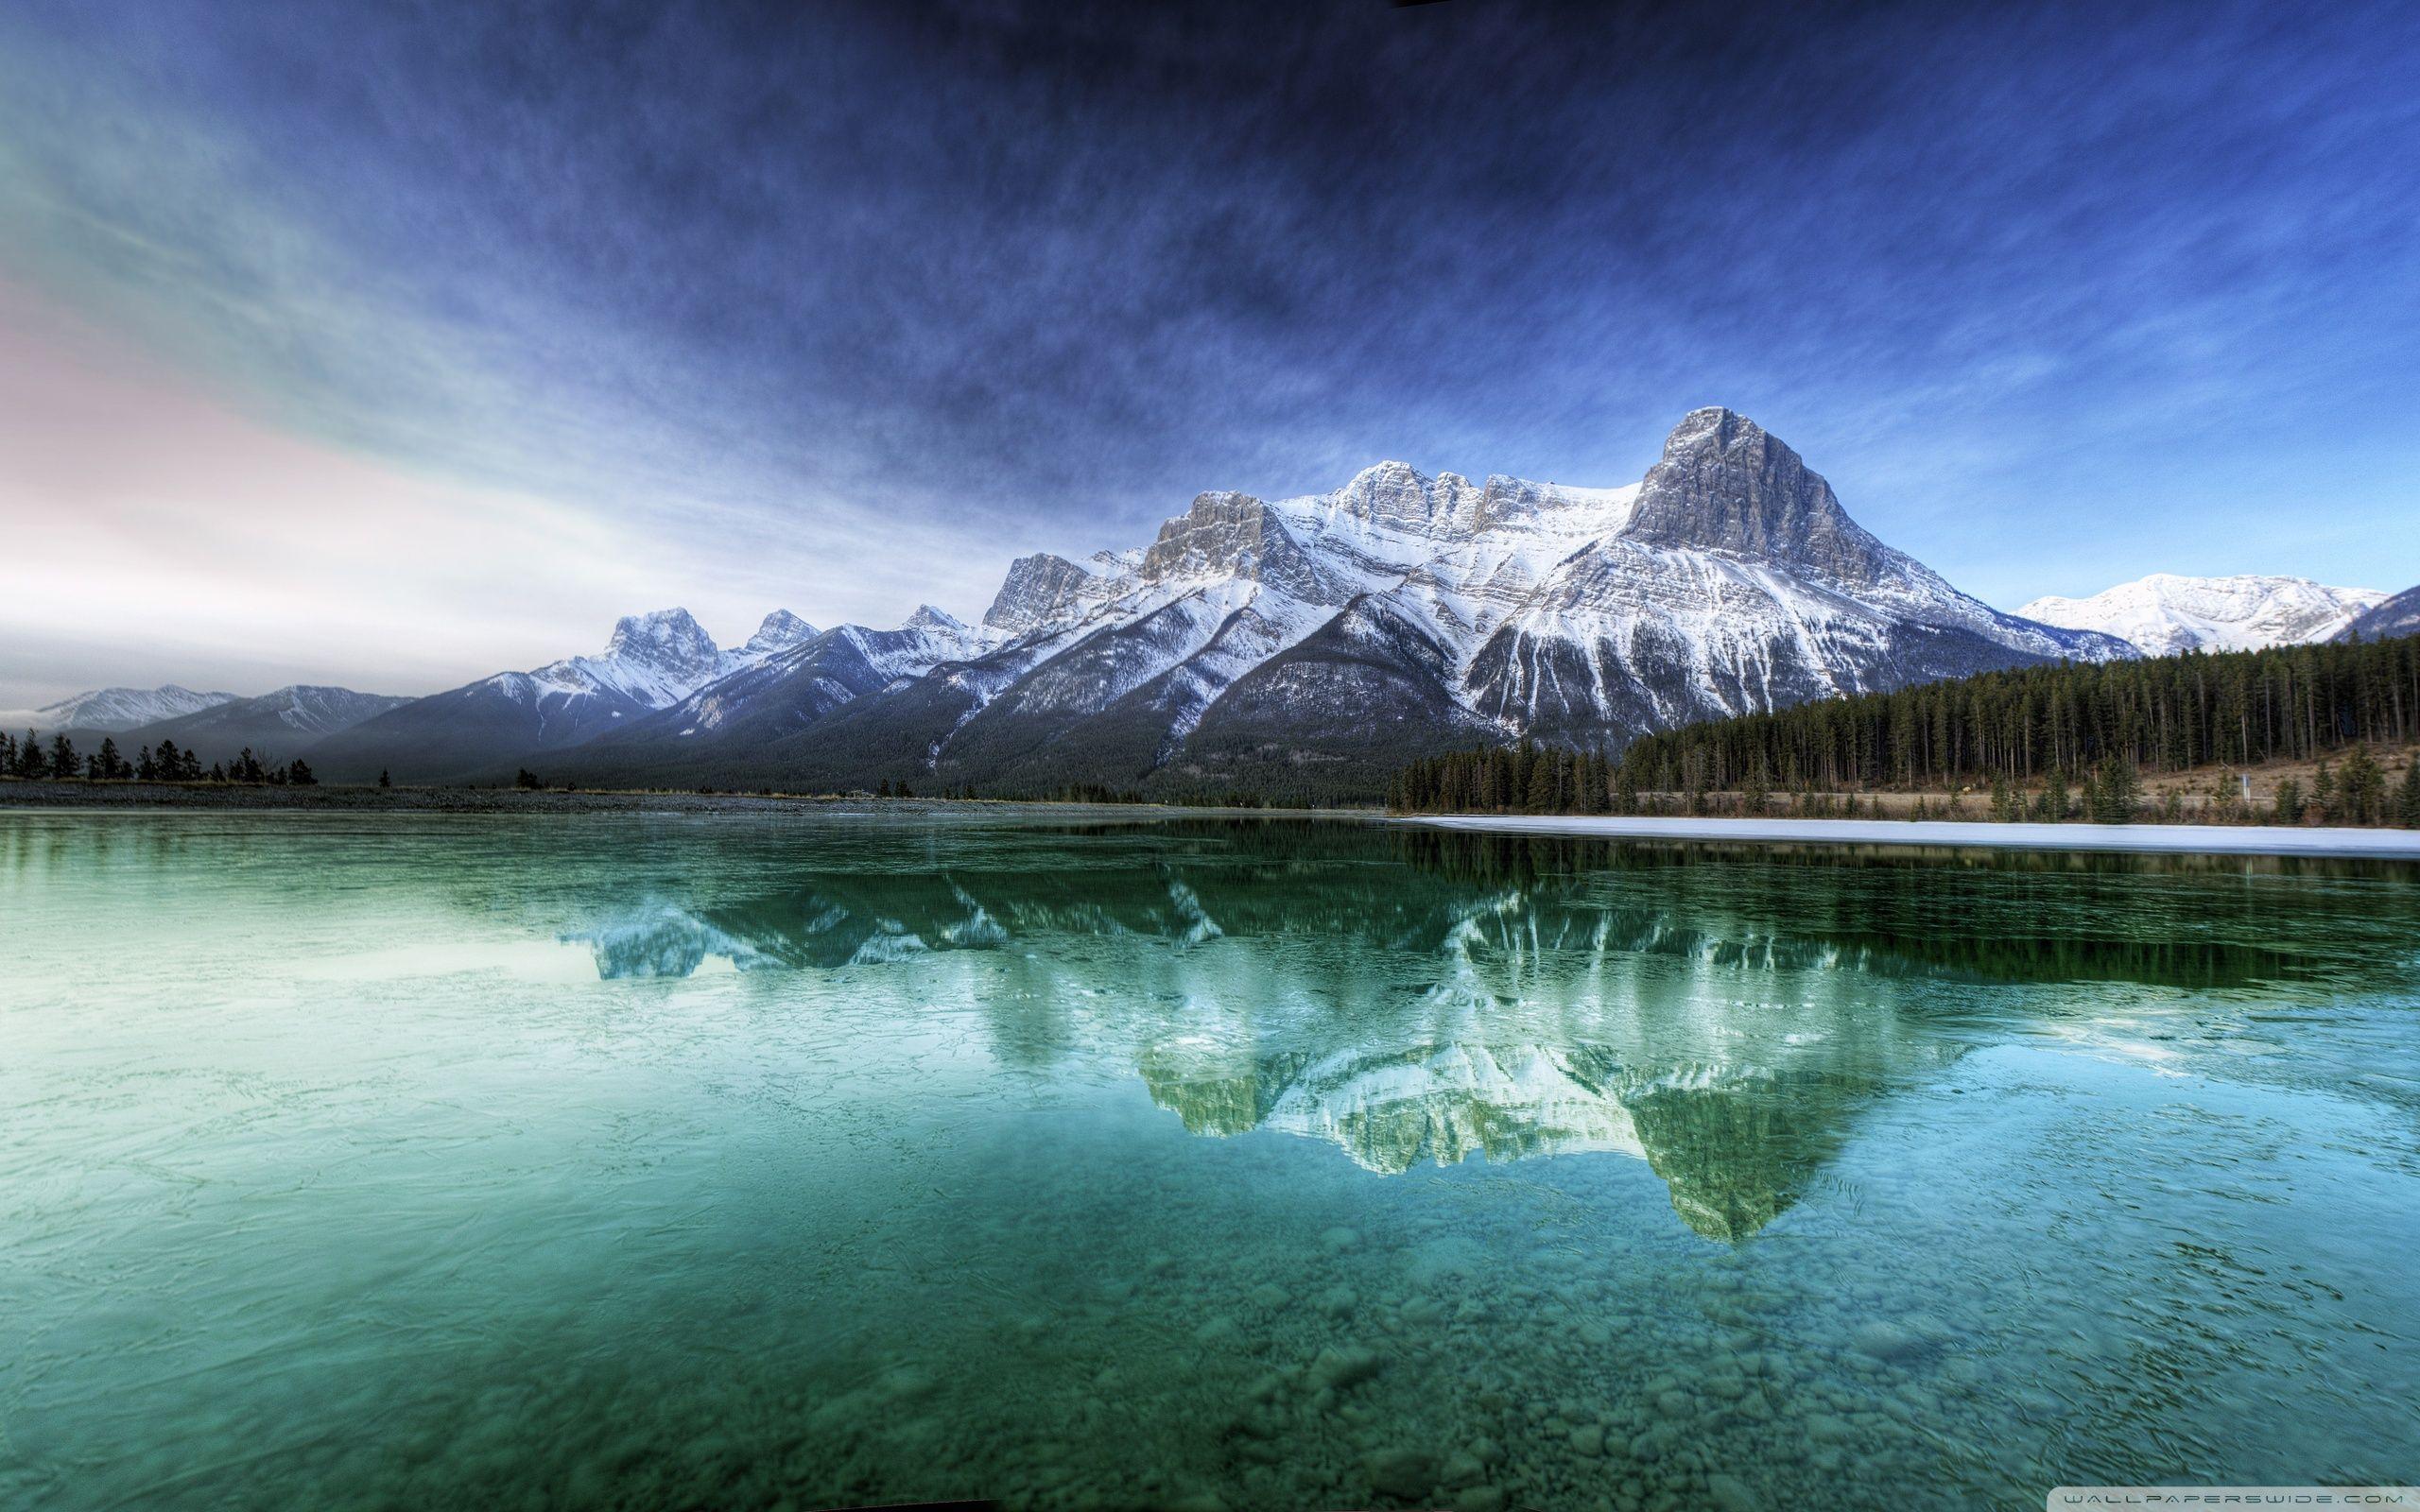 Phong cảnh hồ núi 2560x1600 ❤ Hình nền máy tính để bàn 4K HD cho TV Ultra HD 4K